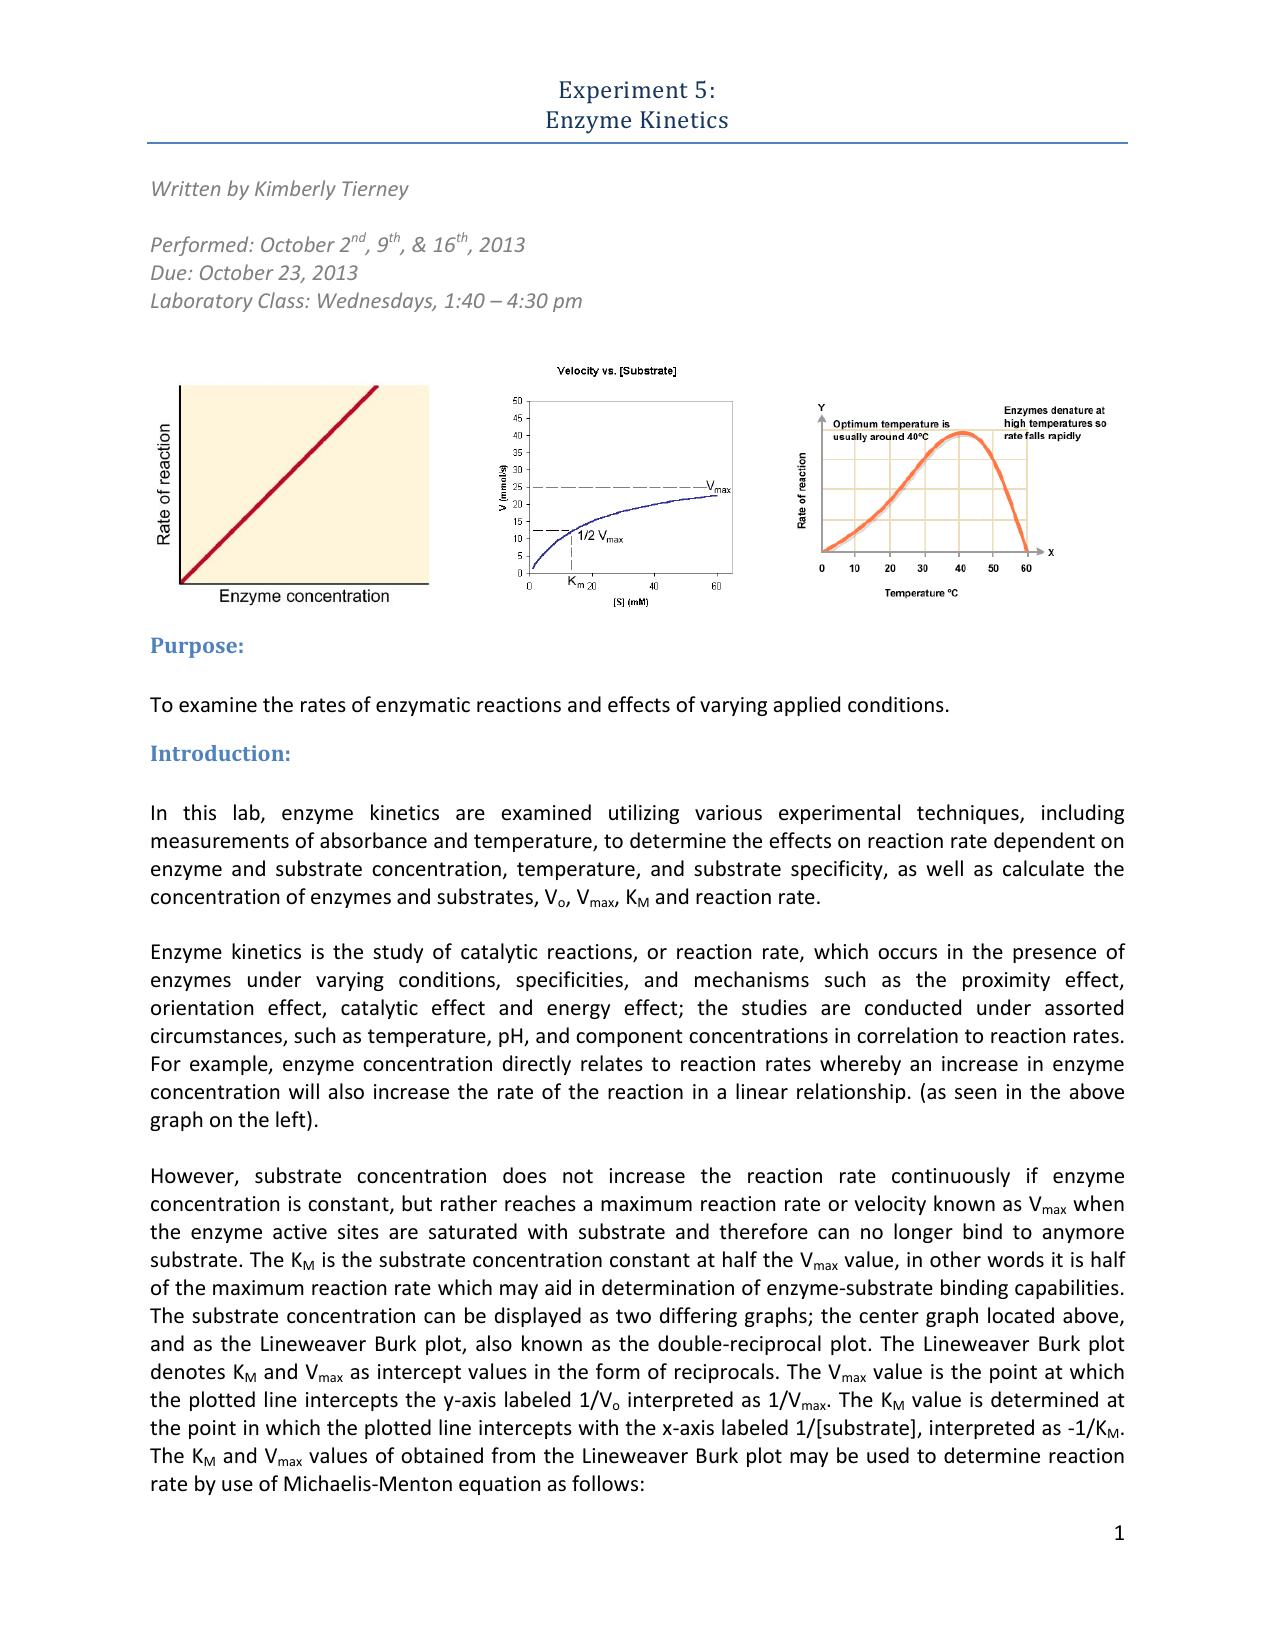 Experiment 5: Enzyme Kinetics